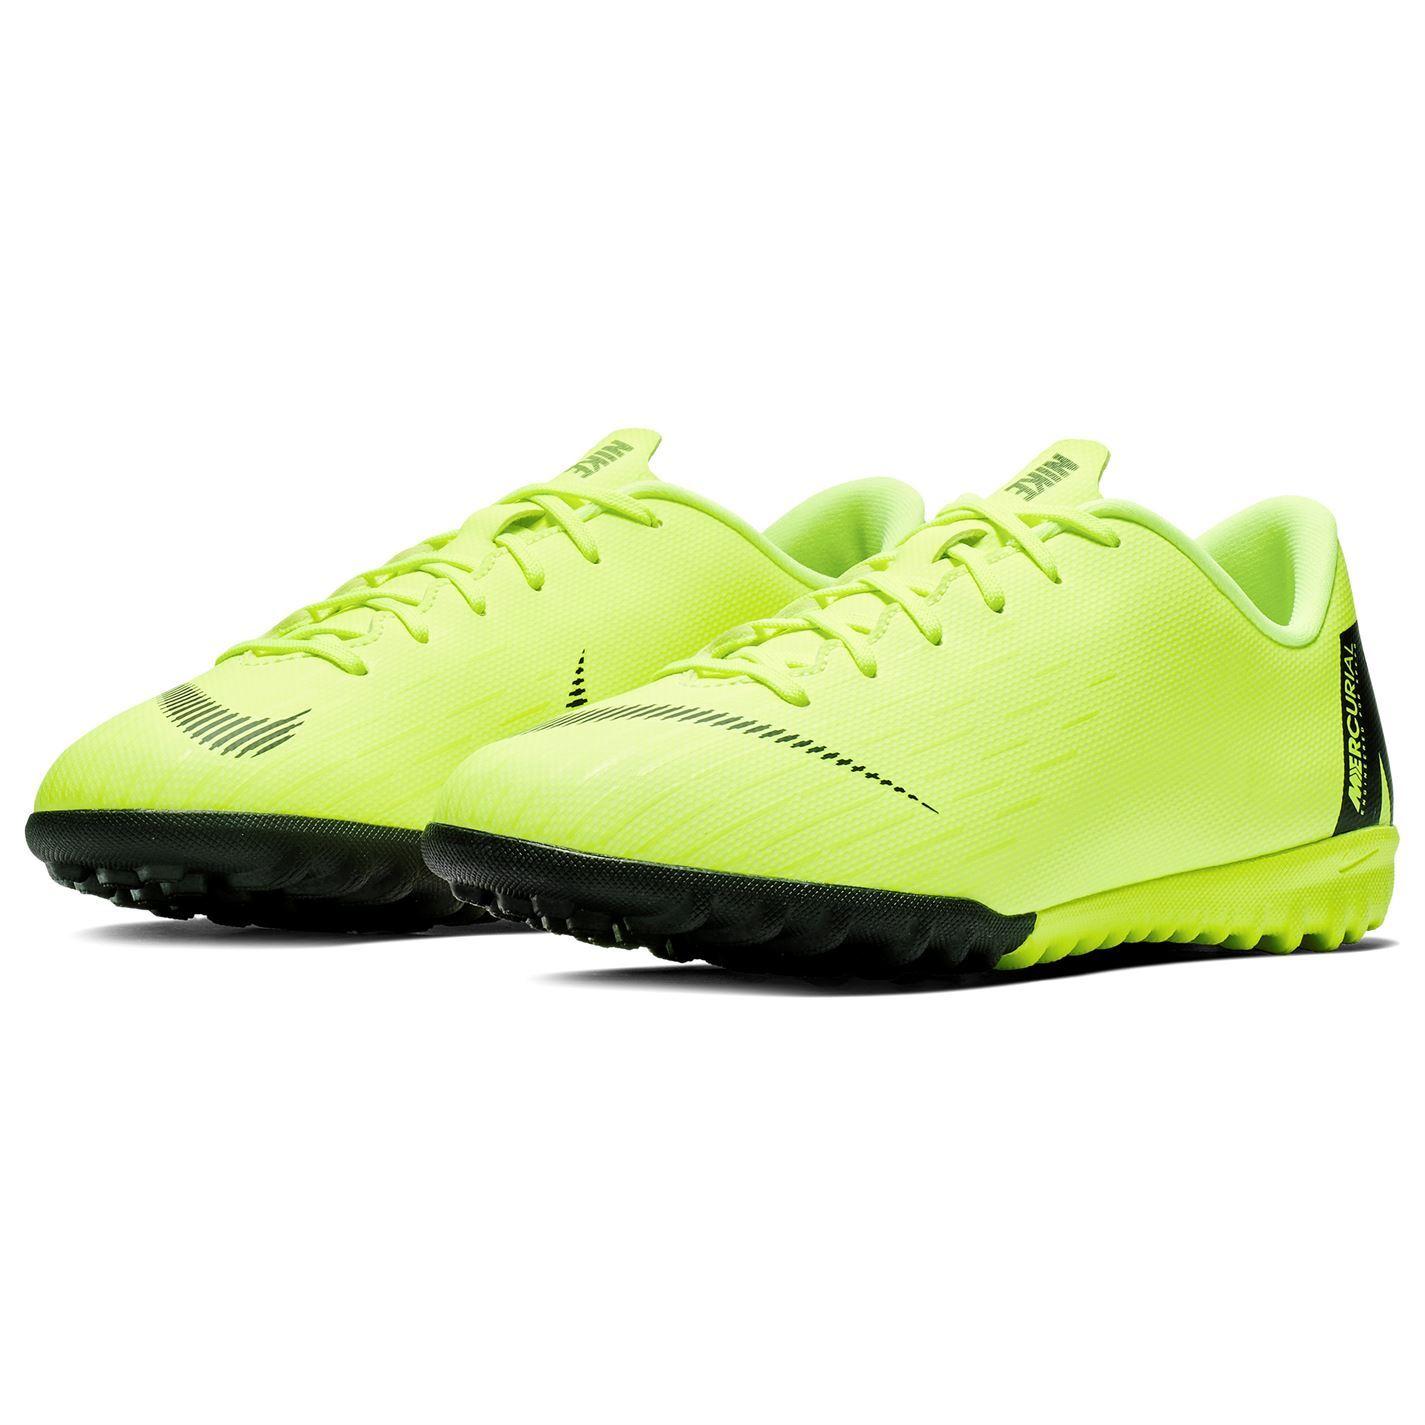 Acquisti Online 2 Sconti su Qualsiasi Caso scarpe nike con